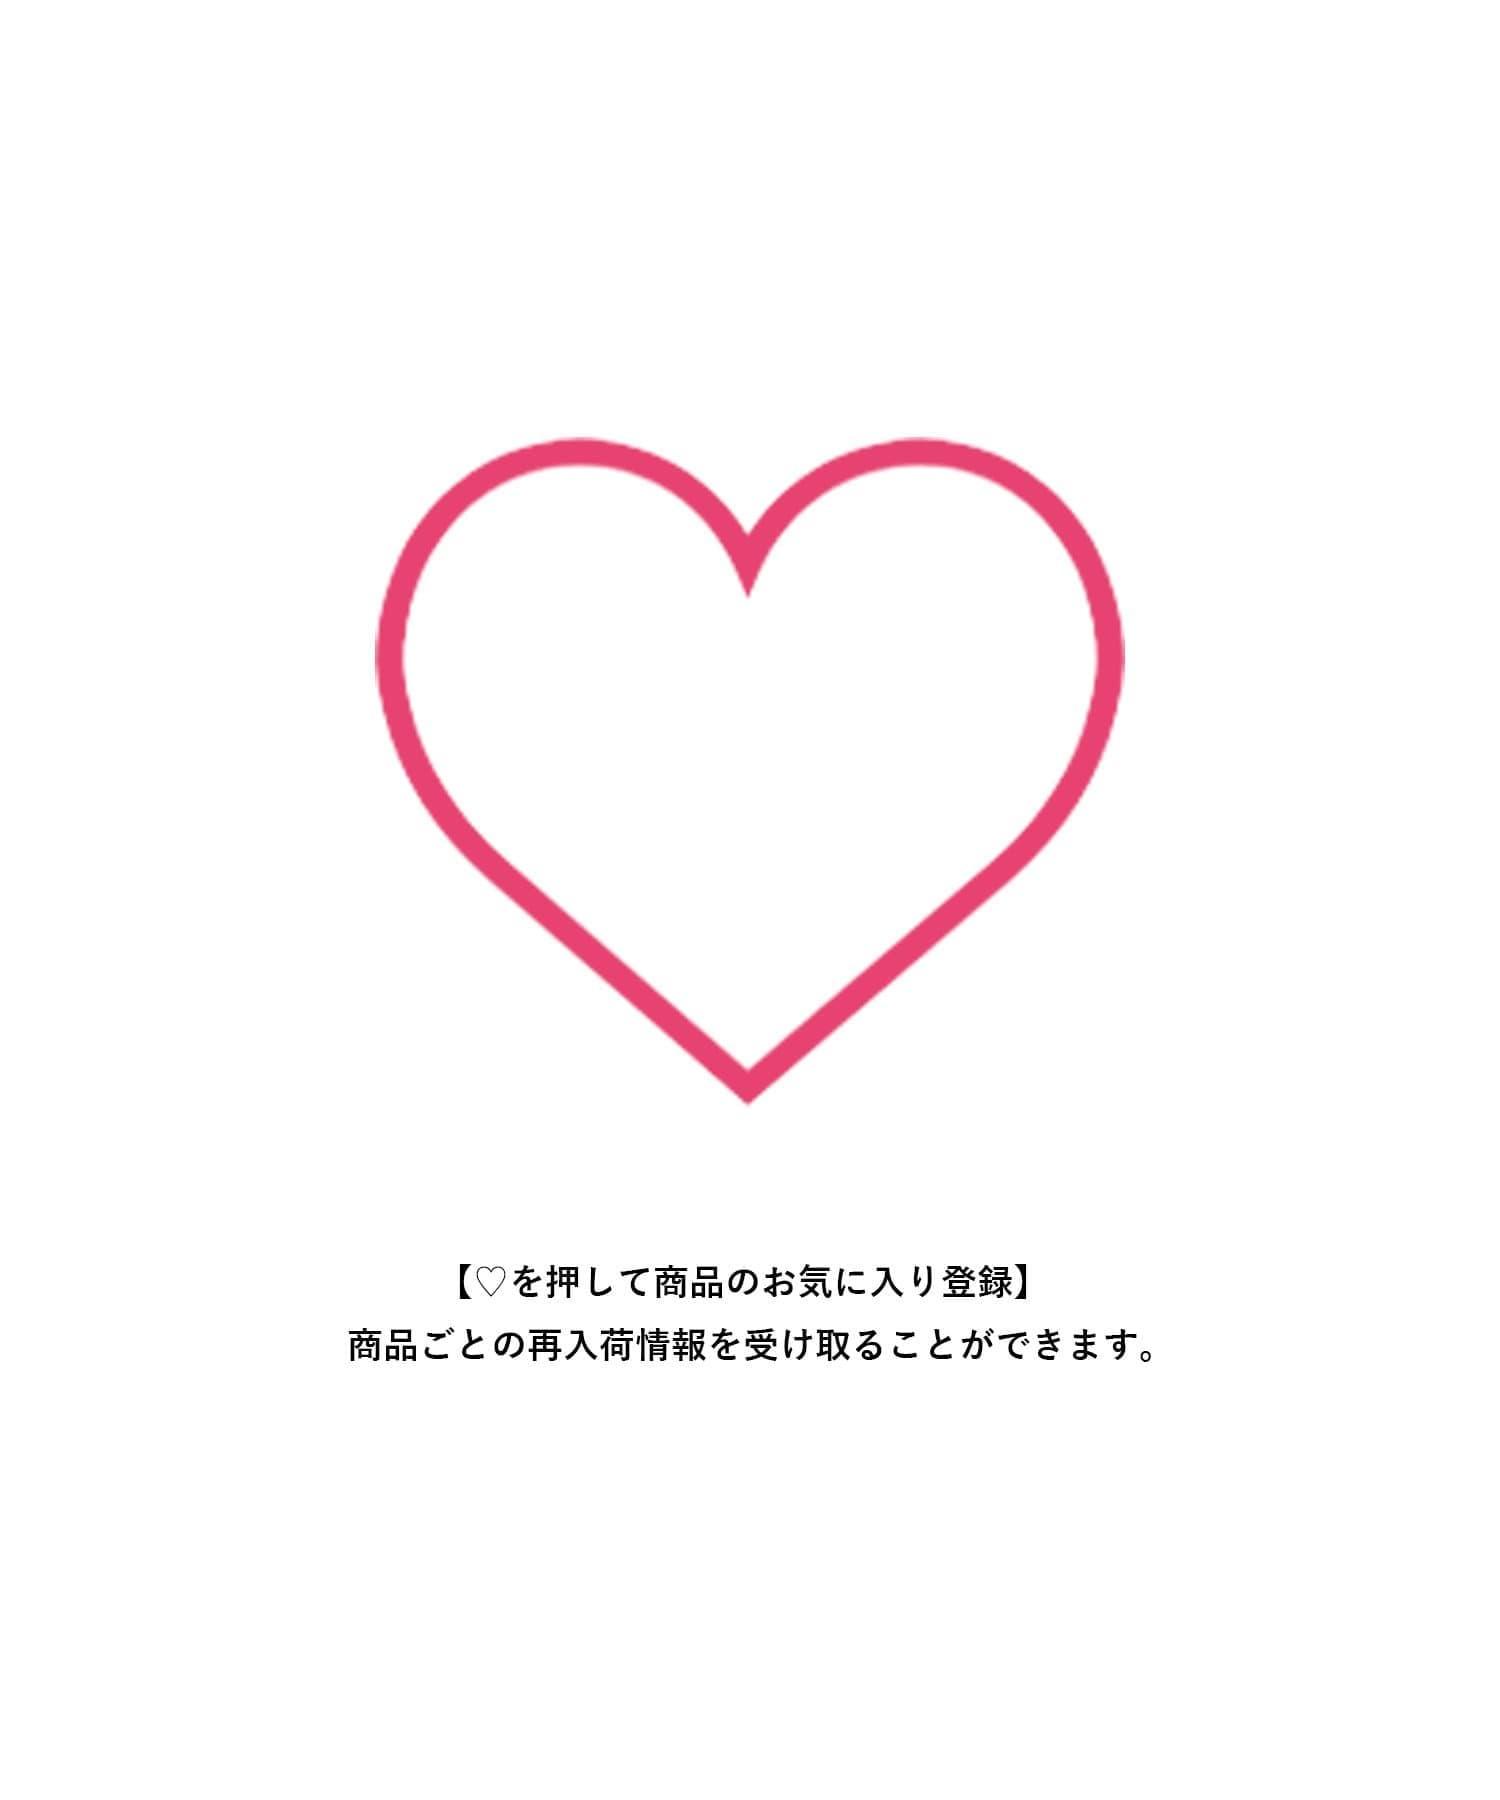 COLLAGE GALLARDAGALANTE(コラージュ ガリャルダガランテ) 【PAPILLONNER/パピヨネ】プロテクト2WAYネックレス